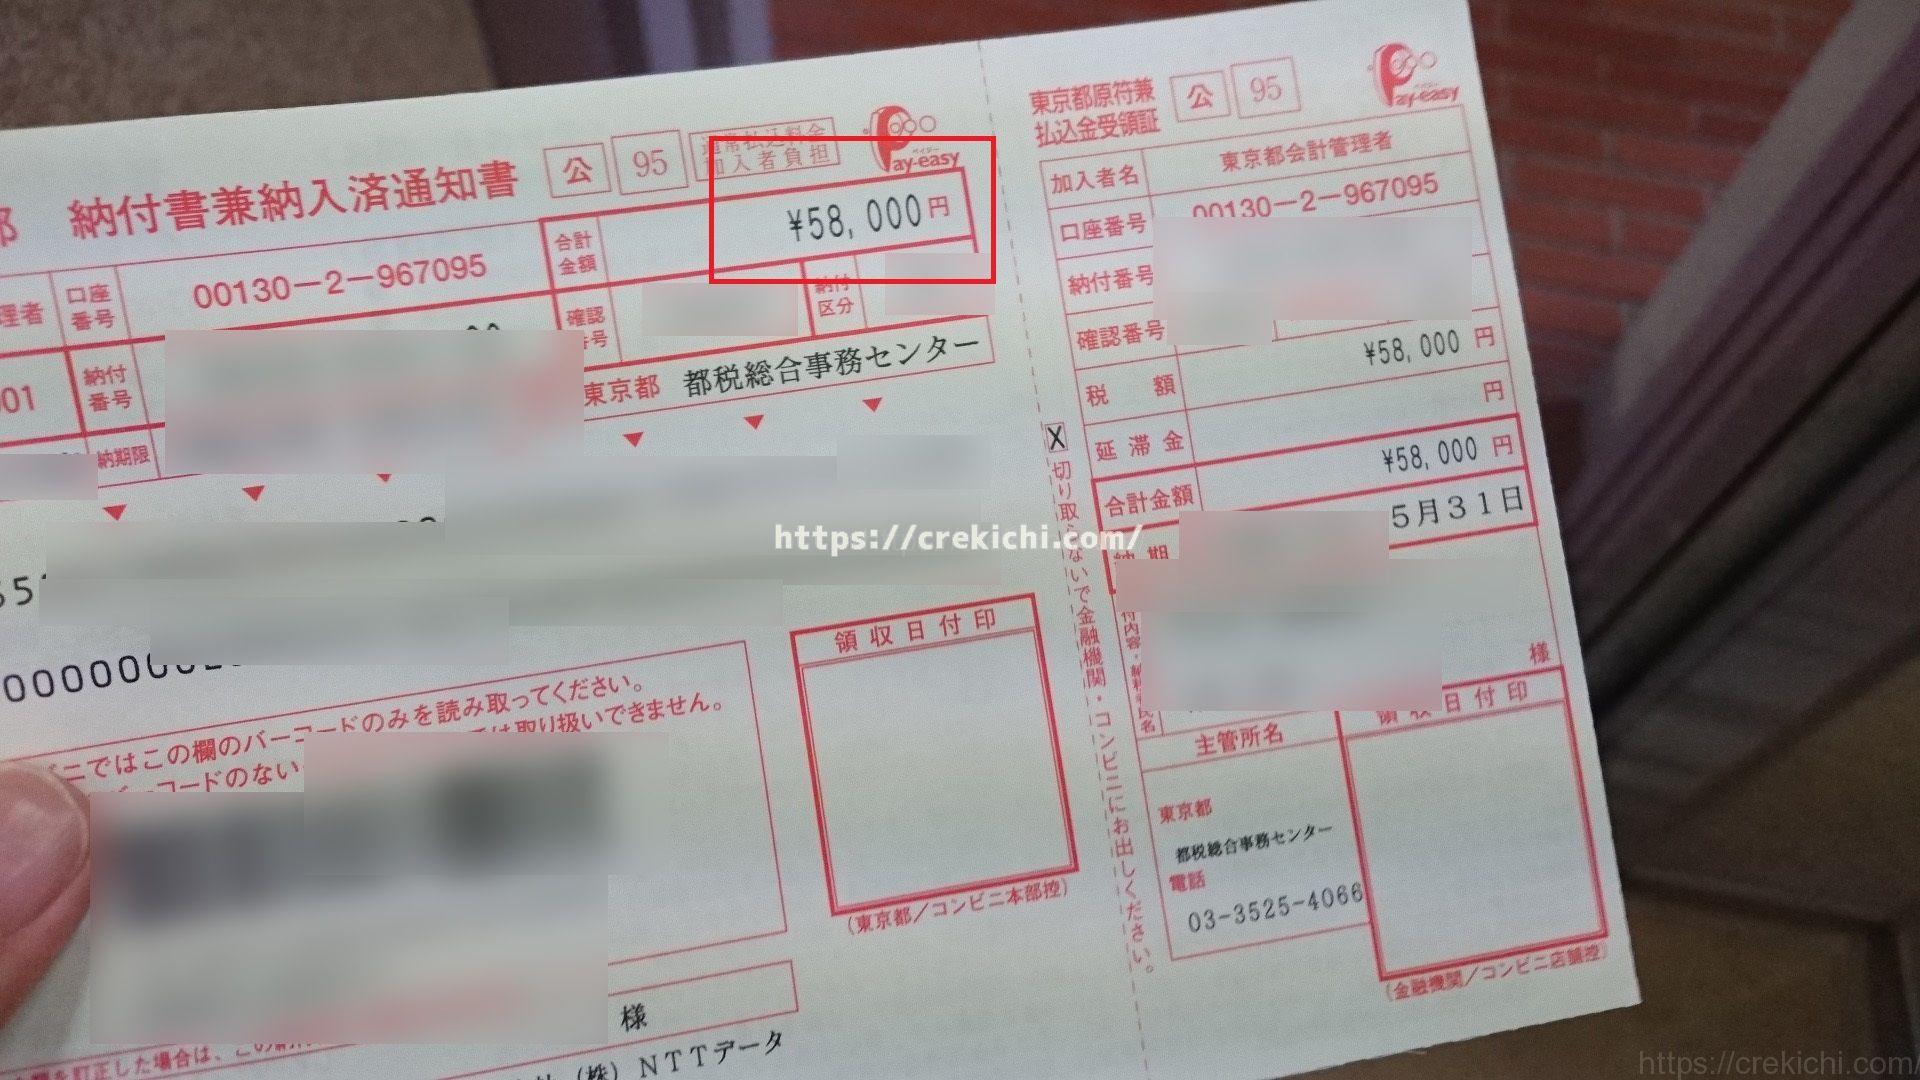 58000円の納付書